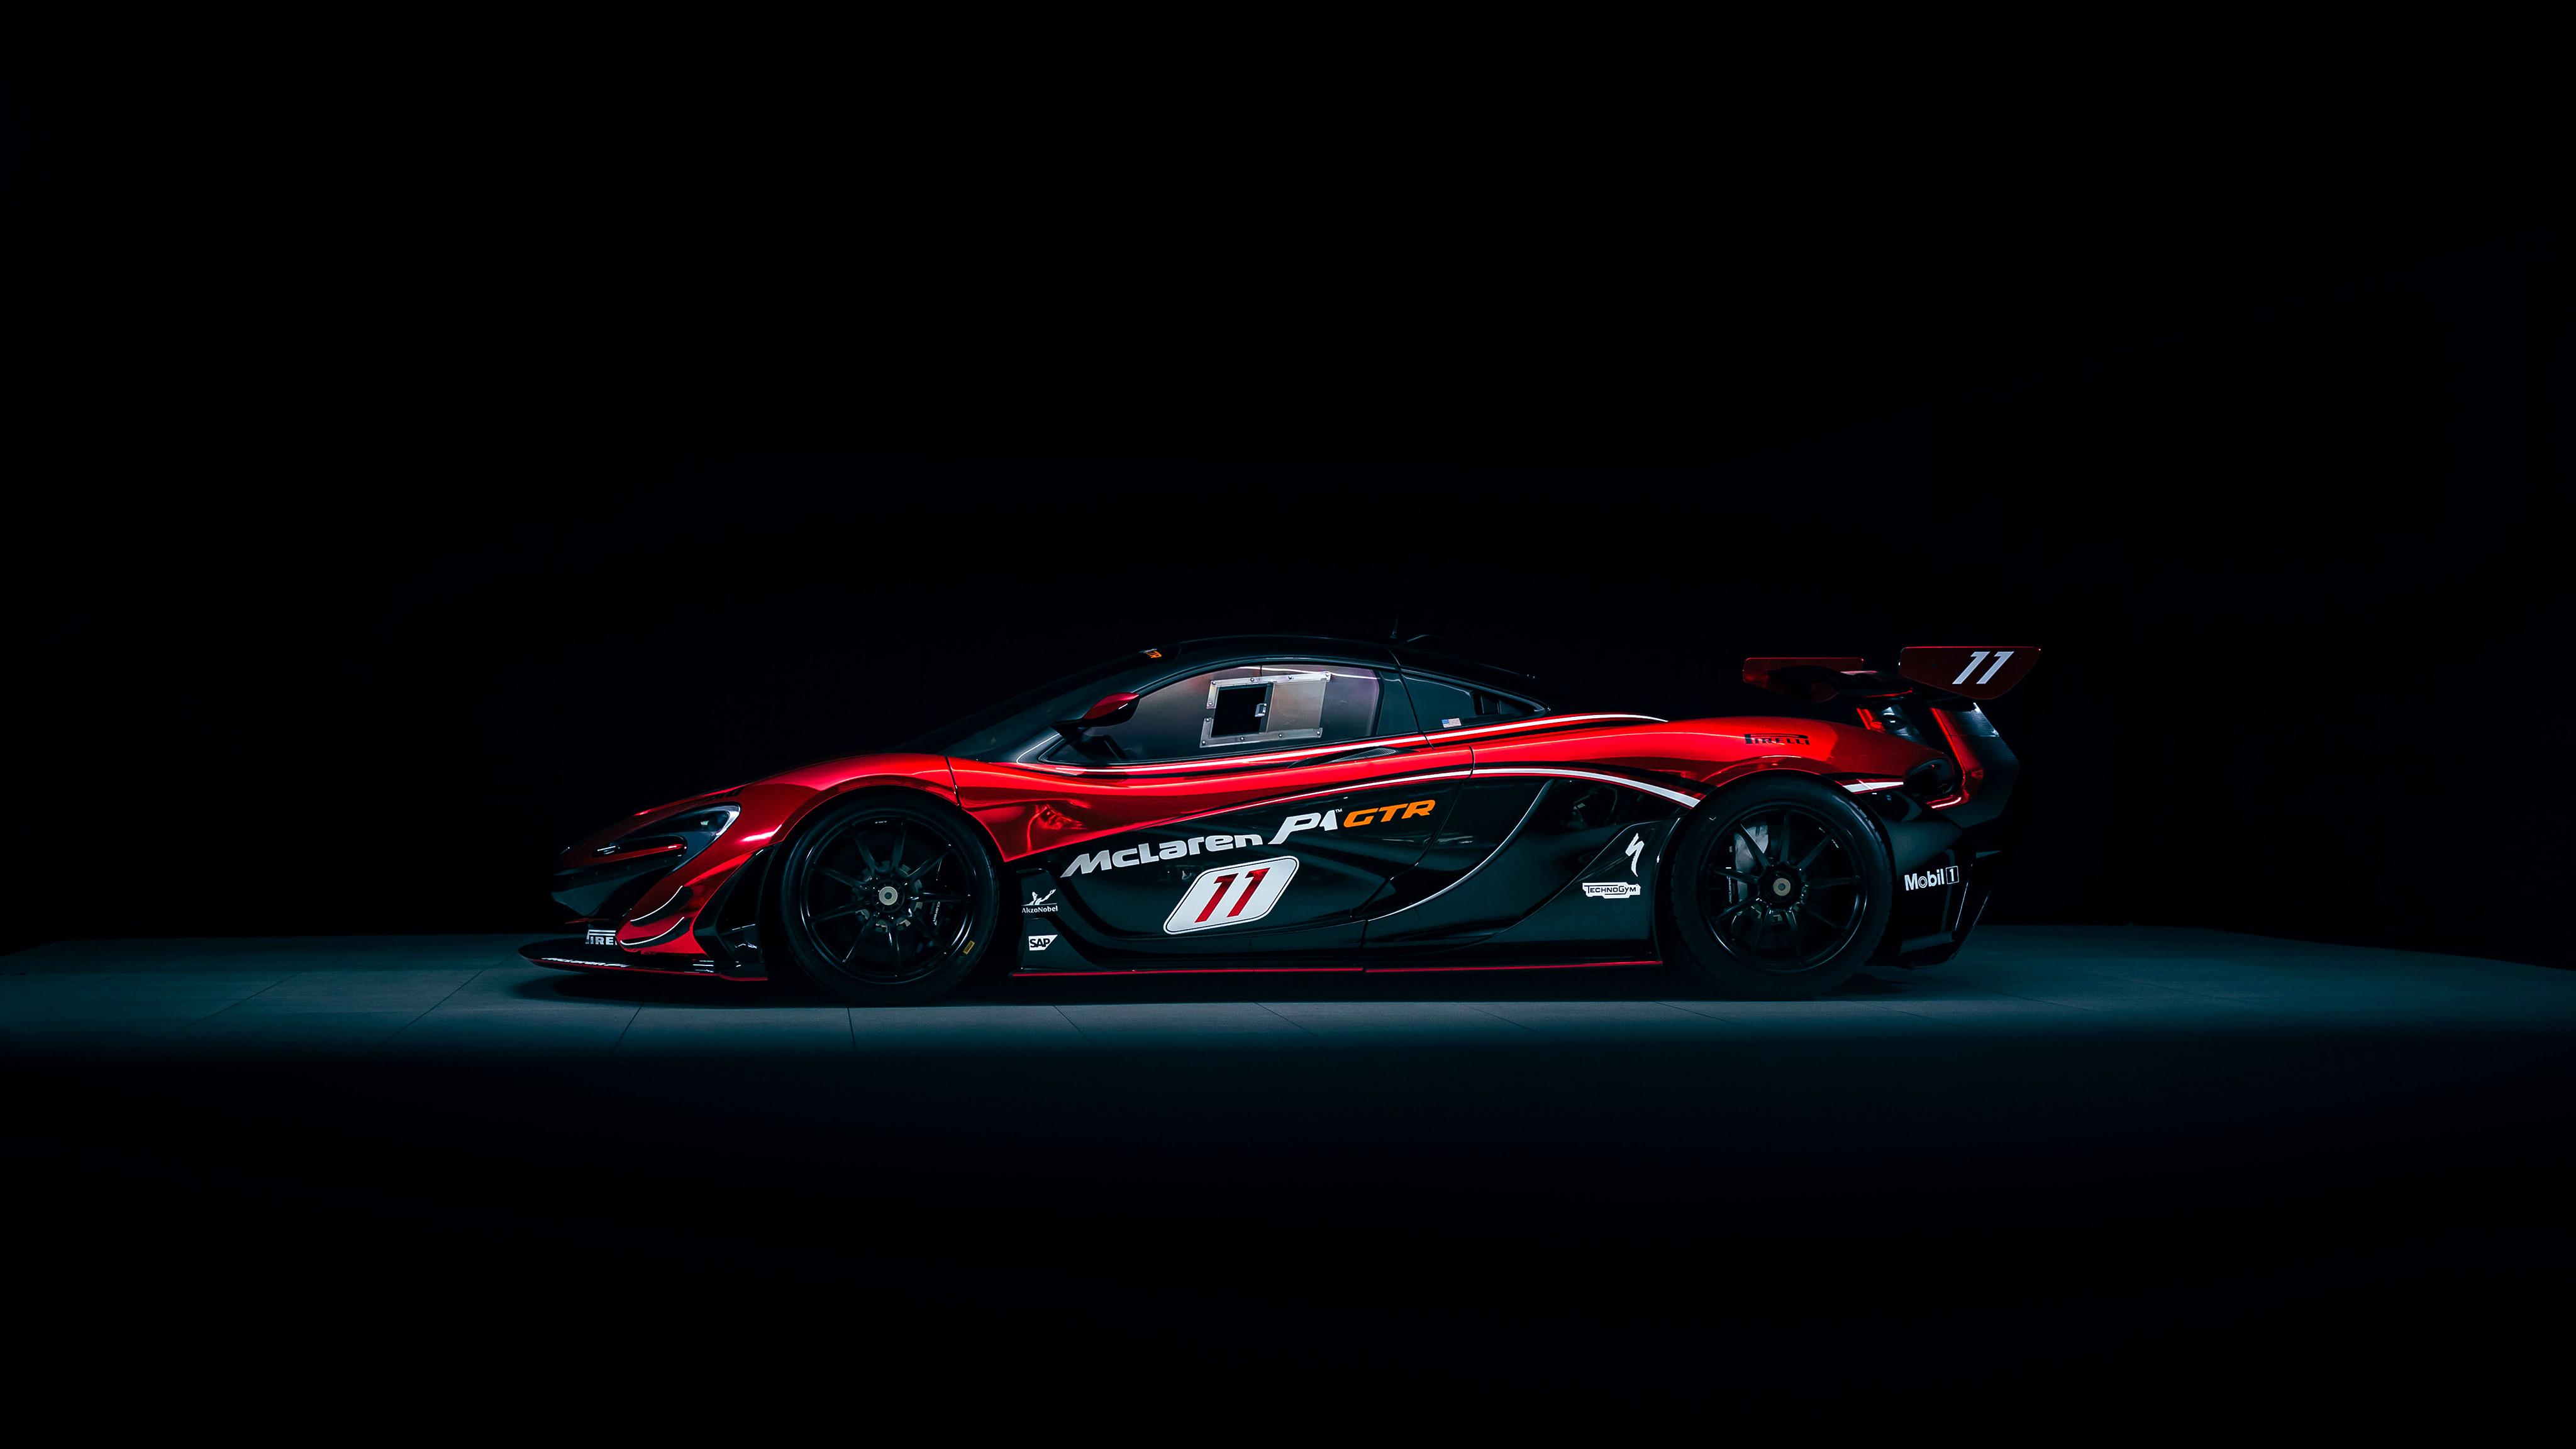 McLaren 720S GT3 Concept Wallpapers HD Wallpapers